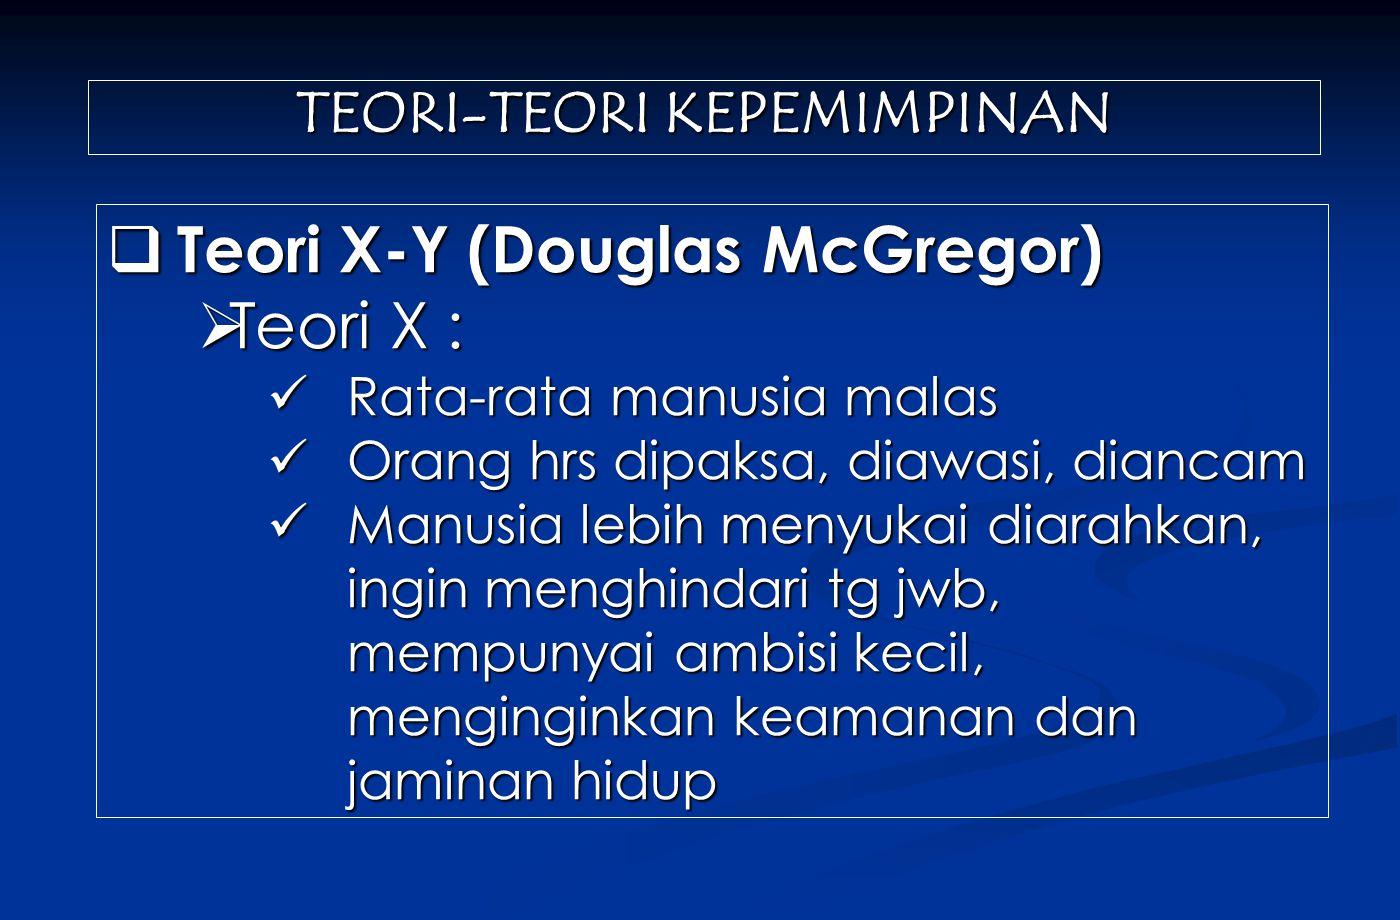 TEORI-TEORI KEPEMIMPINAN  Teori X-Y (Douglas McGregor)  Teori X : Rata-rata manusia malas Rata-rata manusia malas Orang hrs dipaksa, diawasi, dianca